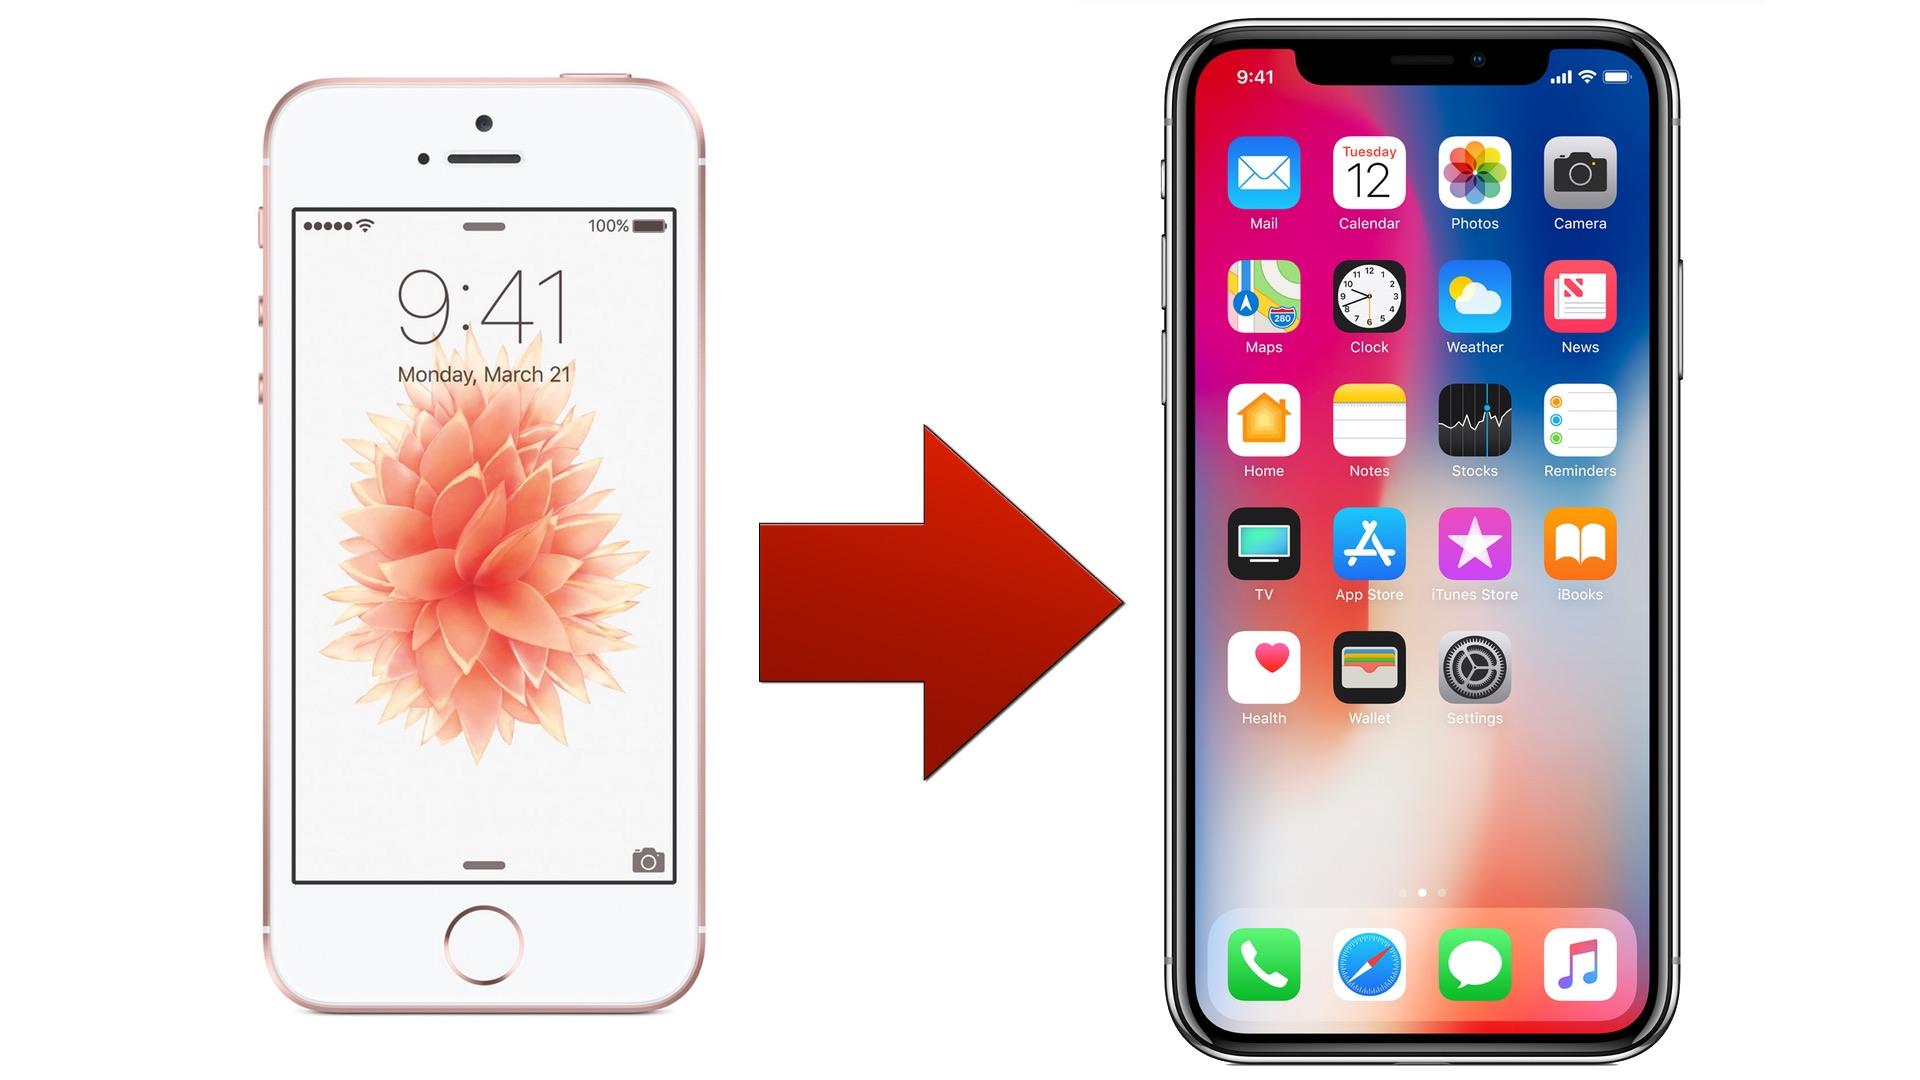 bilder von iphone 6 auf 6s übertragen